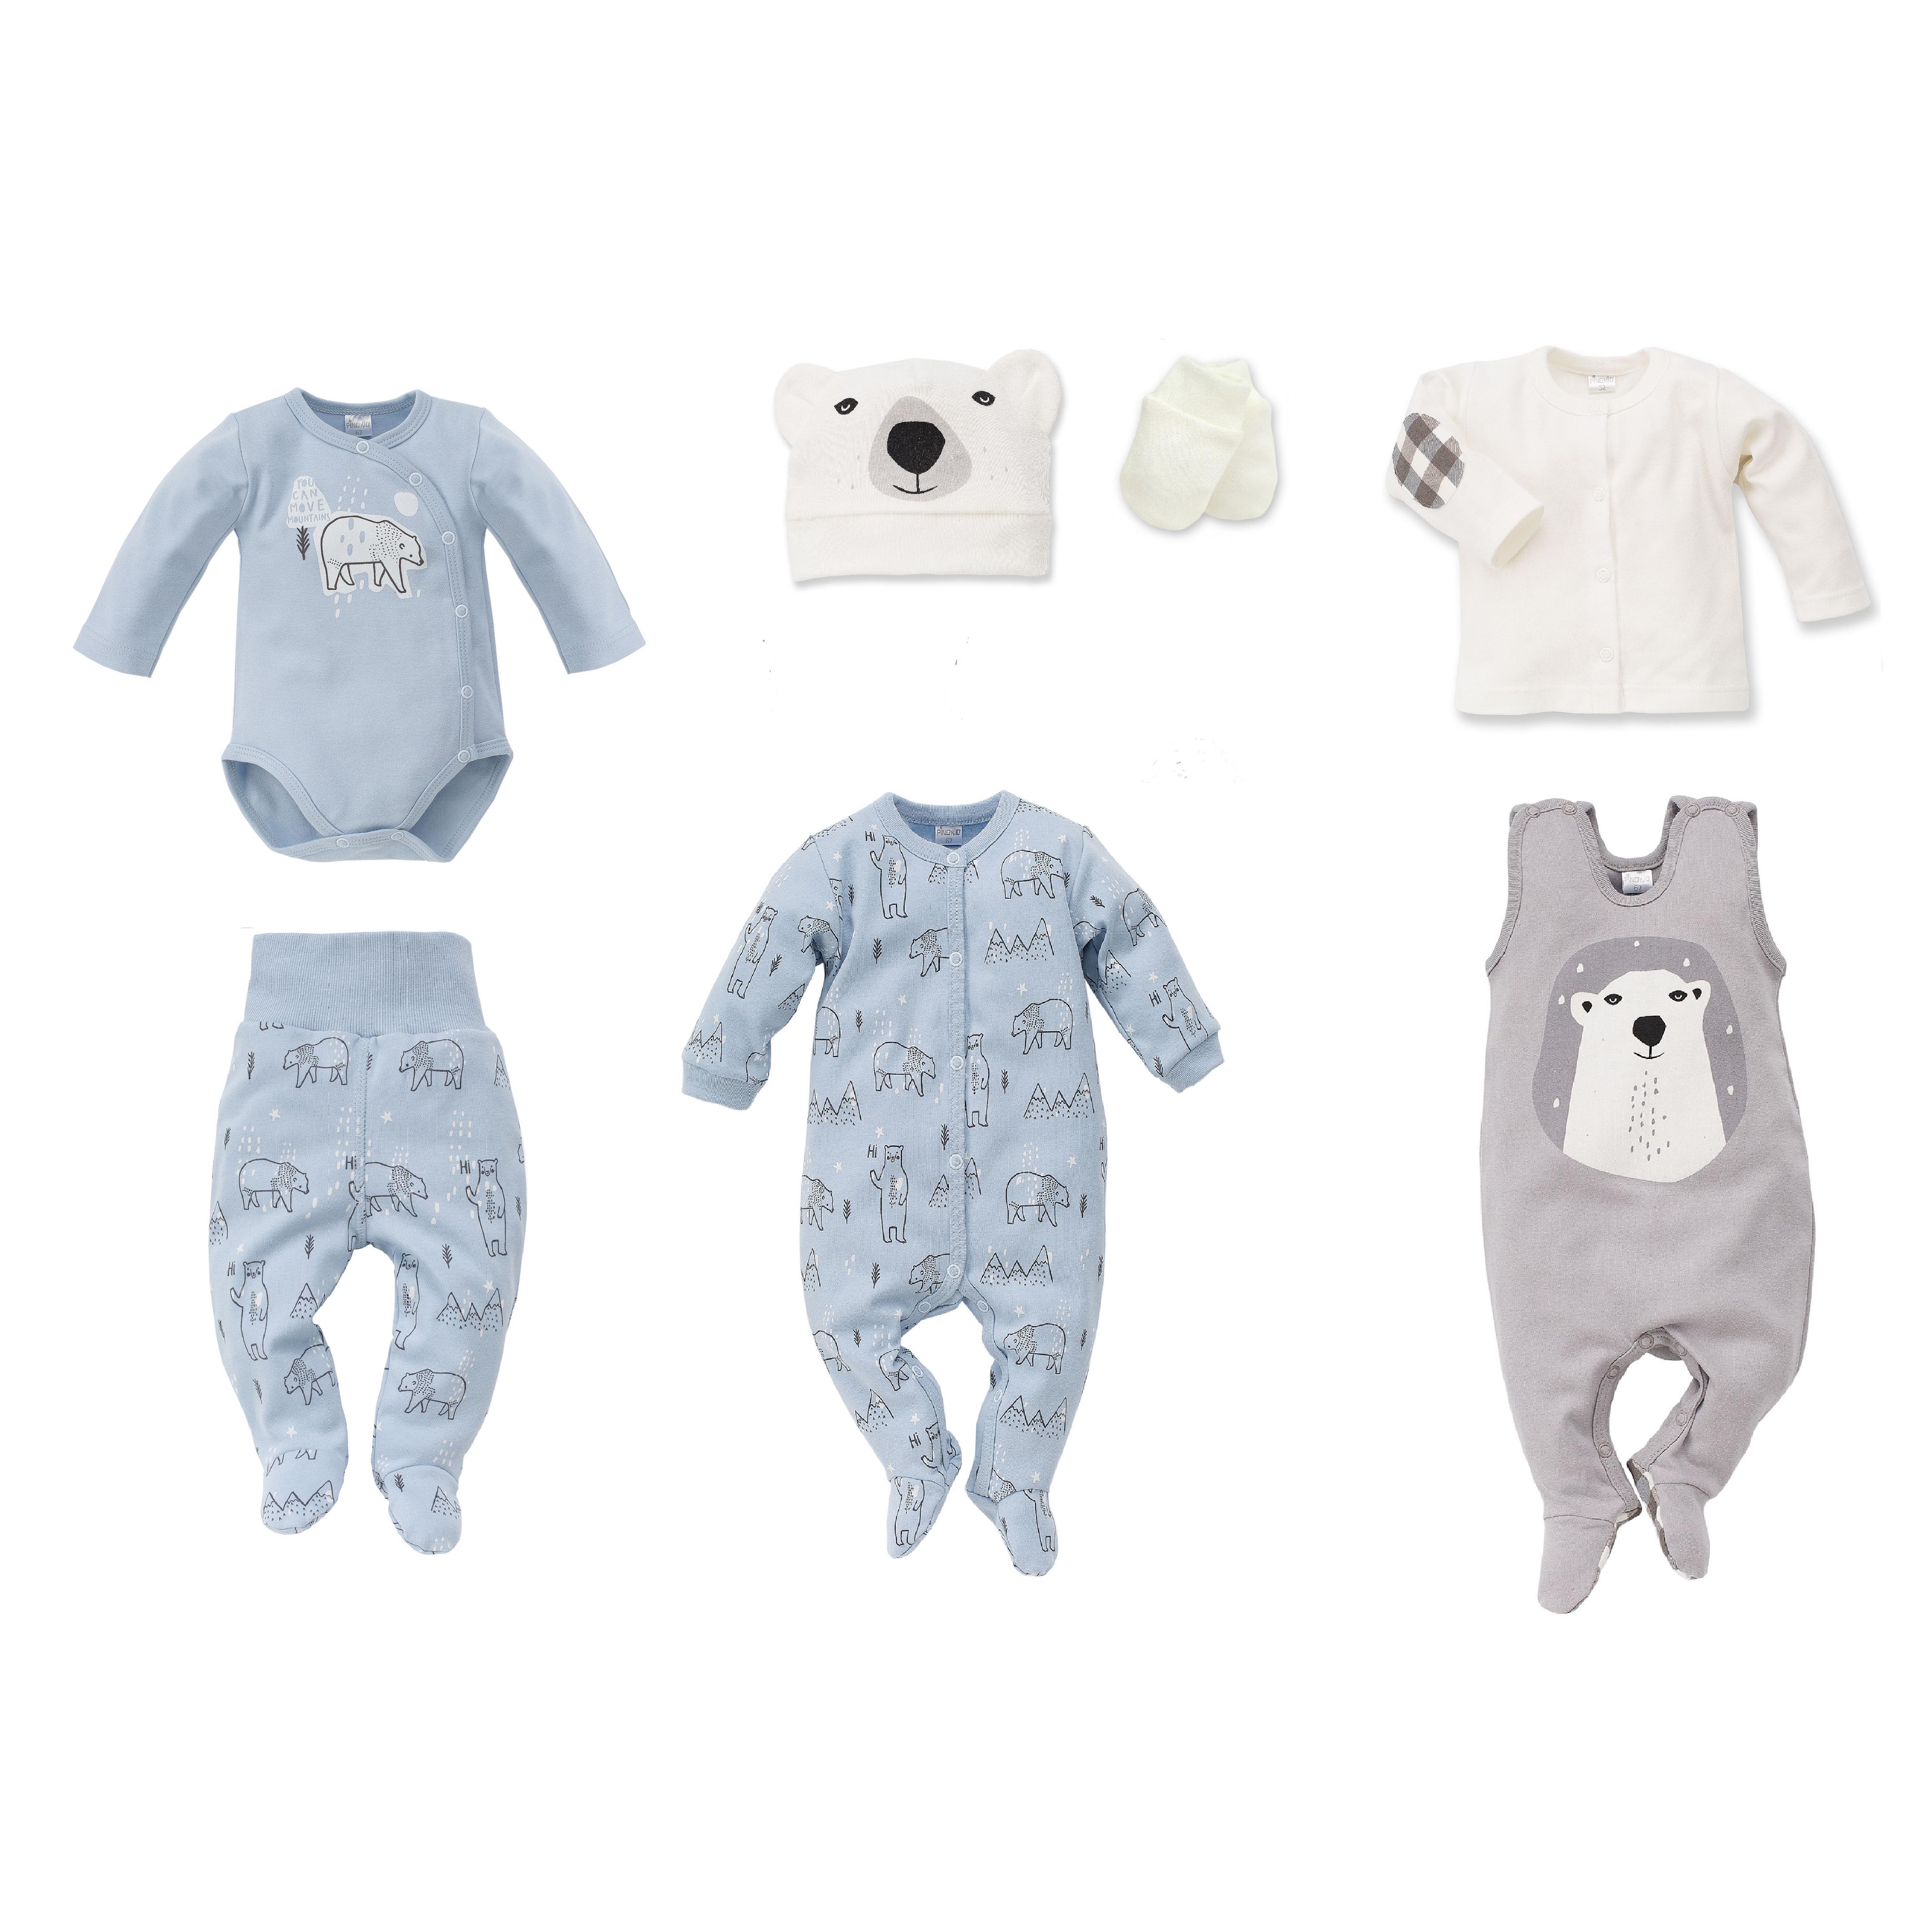 5b0186e88 Nyfødt baby sett North, blå, 7 deler, str: 56,62